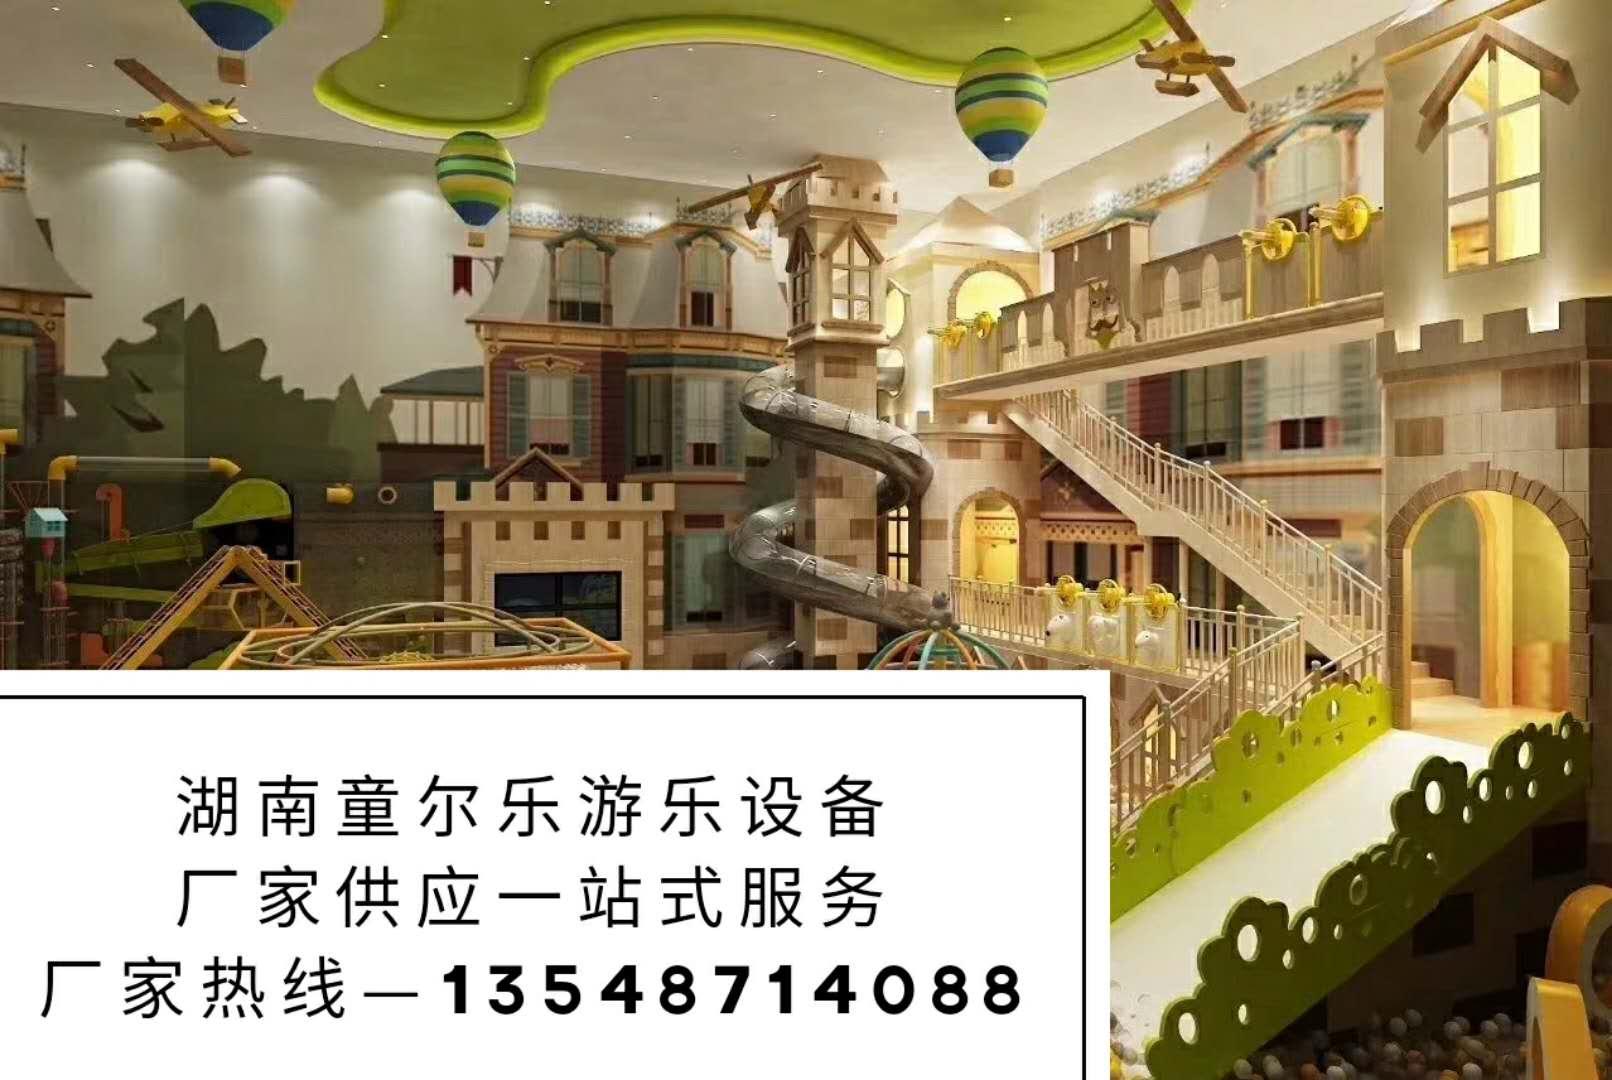 儿童乐园儿童乐园厂家儿童乐园设备儿童乐园加盟长沙儿童乐园厂家